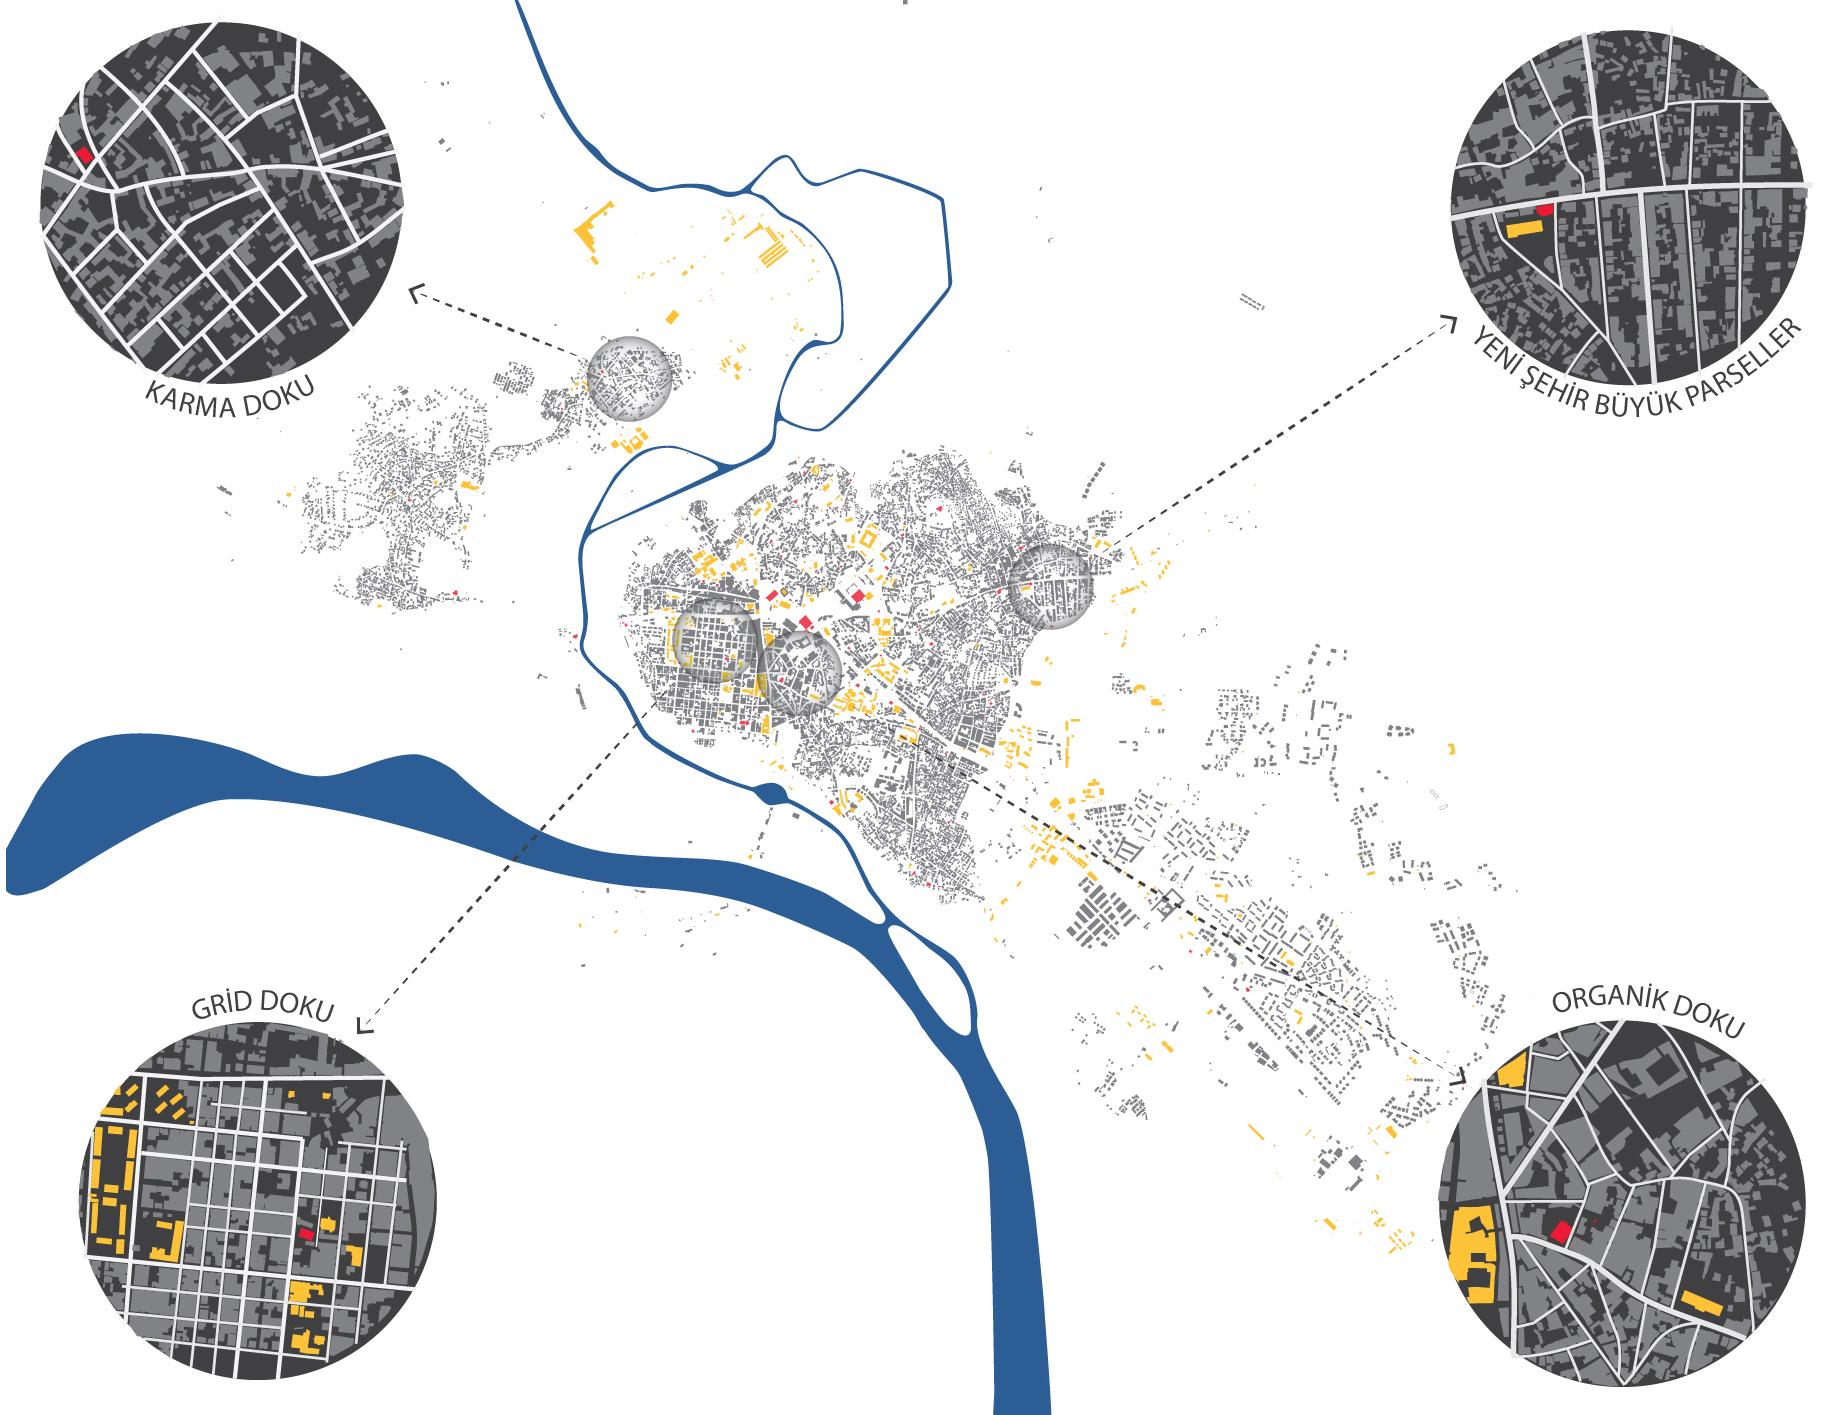 Urban Strategic Planning for Edirne